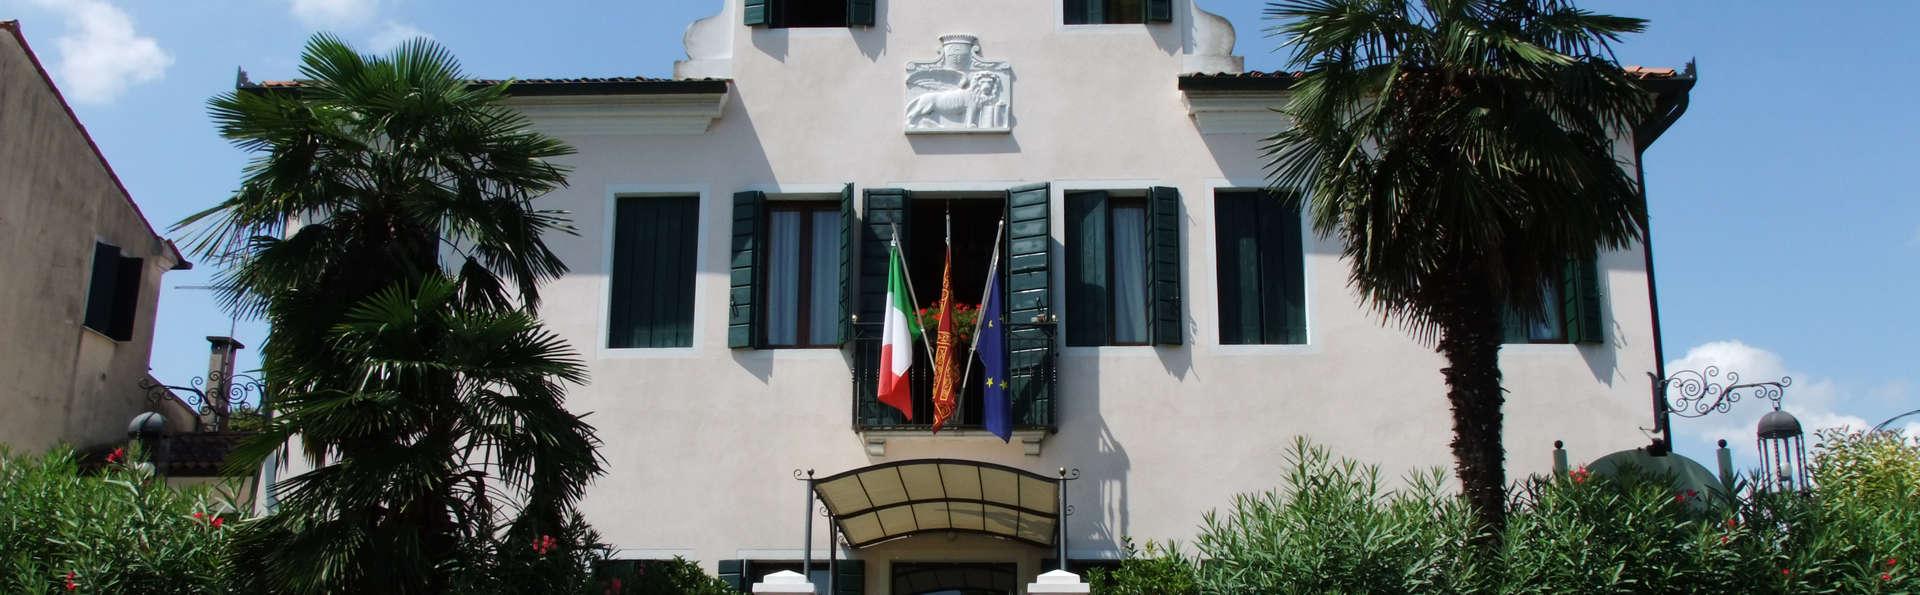 Hotel Villa Gasparini - DSCF4991_jpg